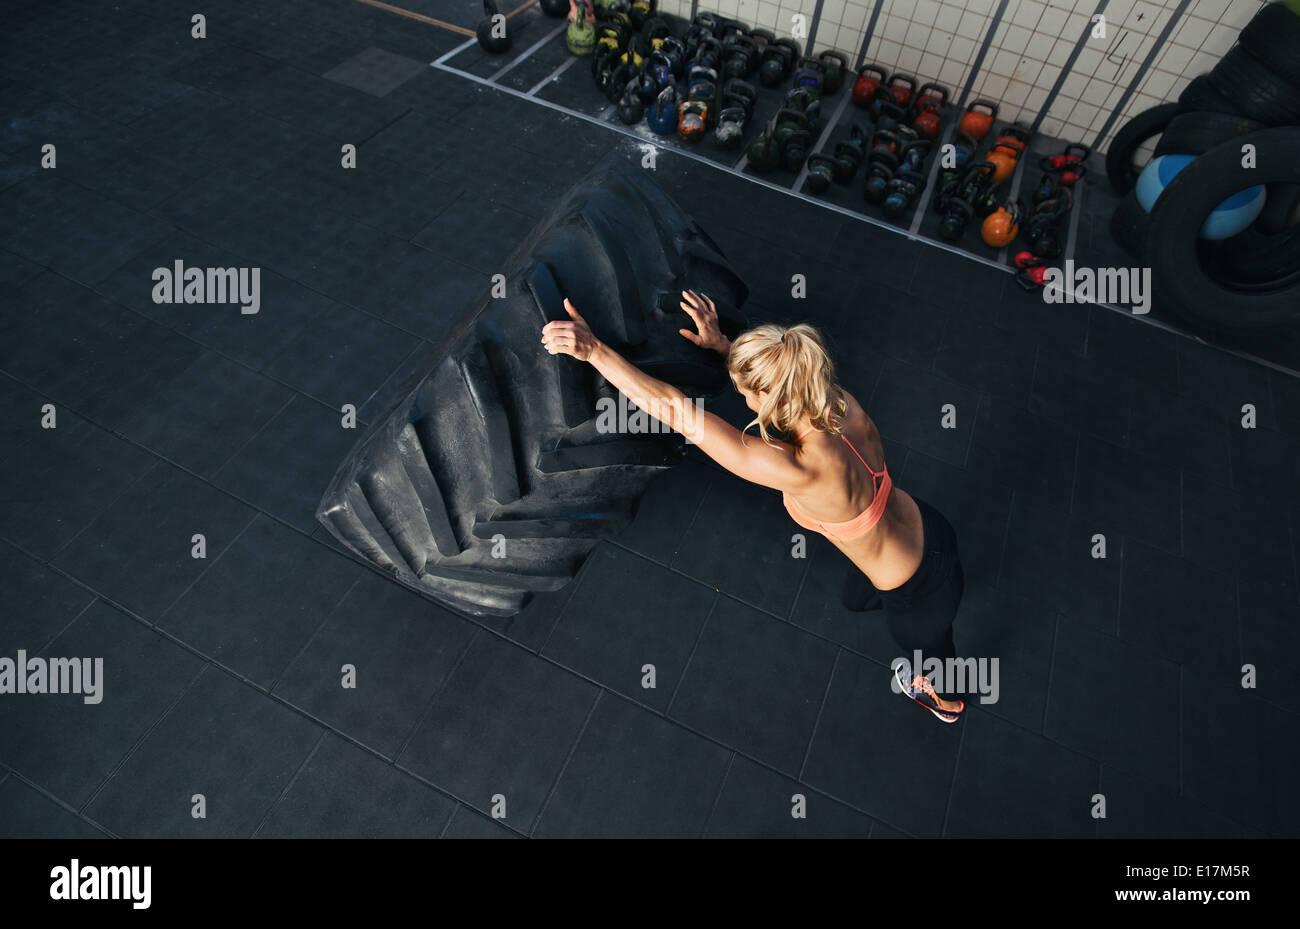 CrossFit Frau im Fitness-Studio trainieren. Muskulöse Frauen spiegeln sehr großer Gummireifen Stockbild